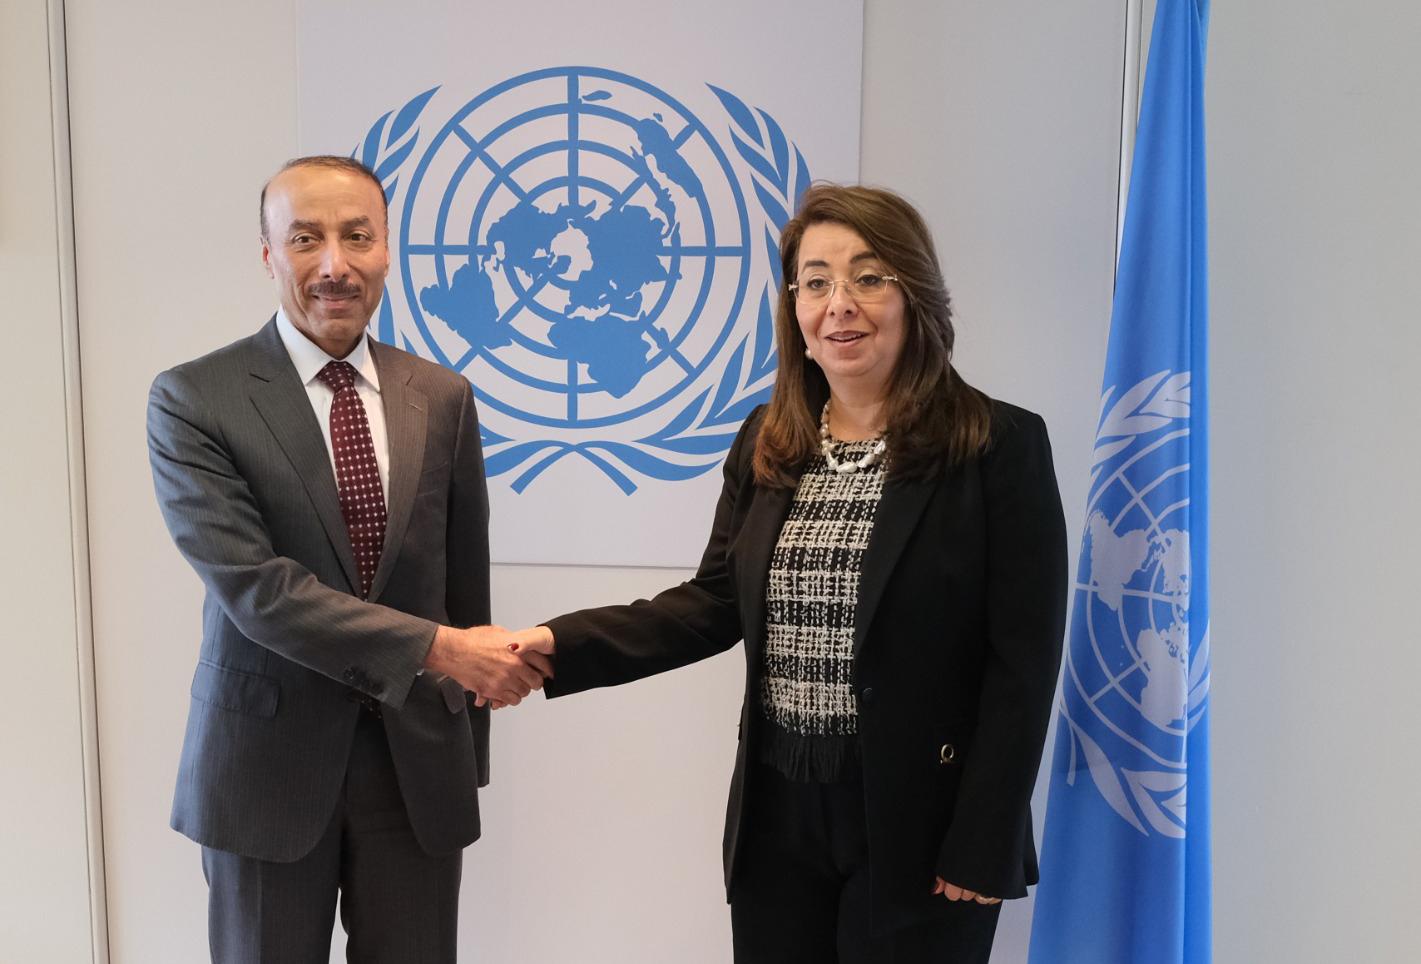 نائب رئيس مجلس الوزراء وزير الخارجية يبعث برسالة إلى المديرة العامة لمكتب الأمم المتحدة المعني بالجريمة والمخدرات